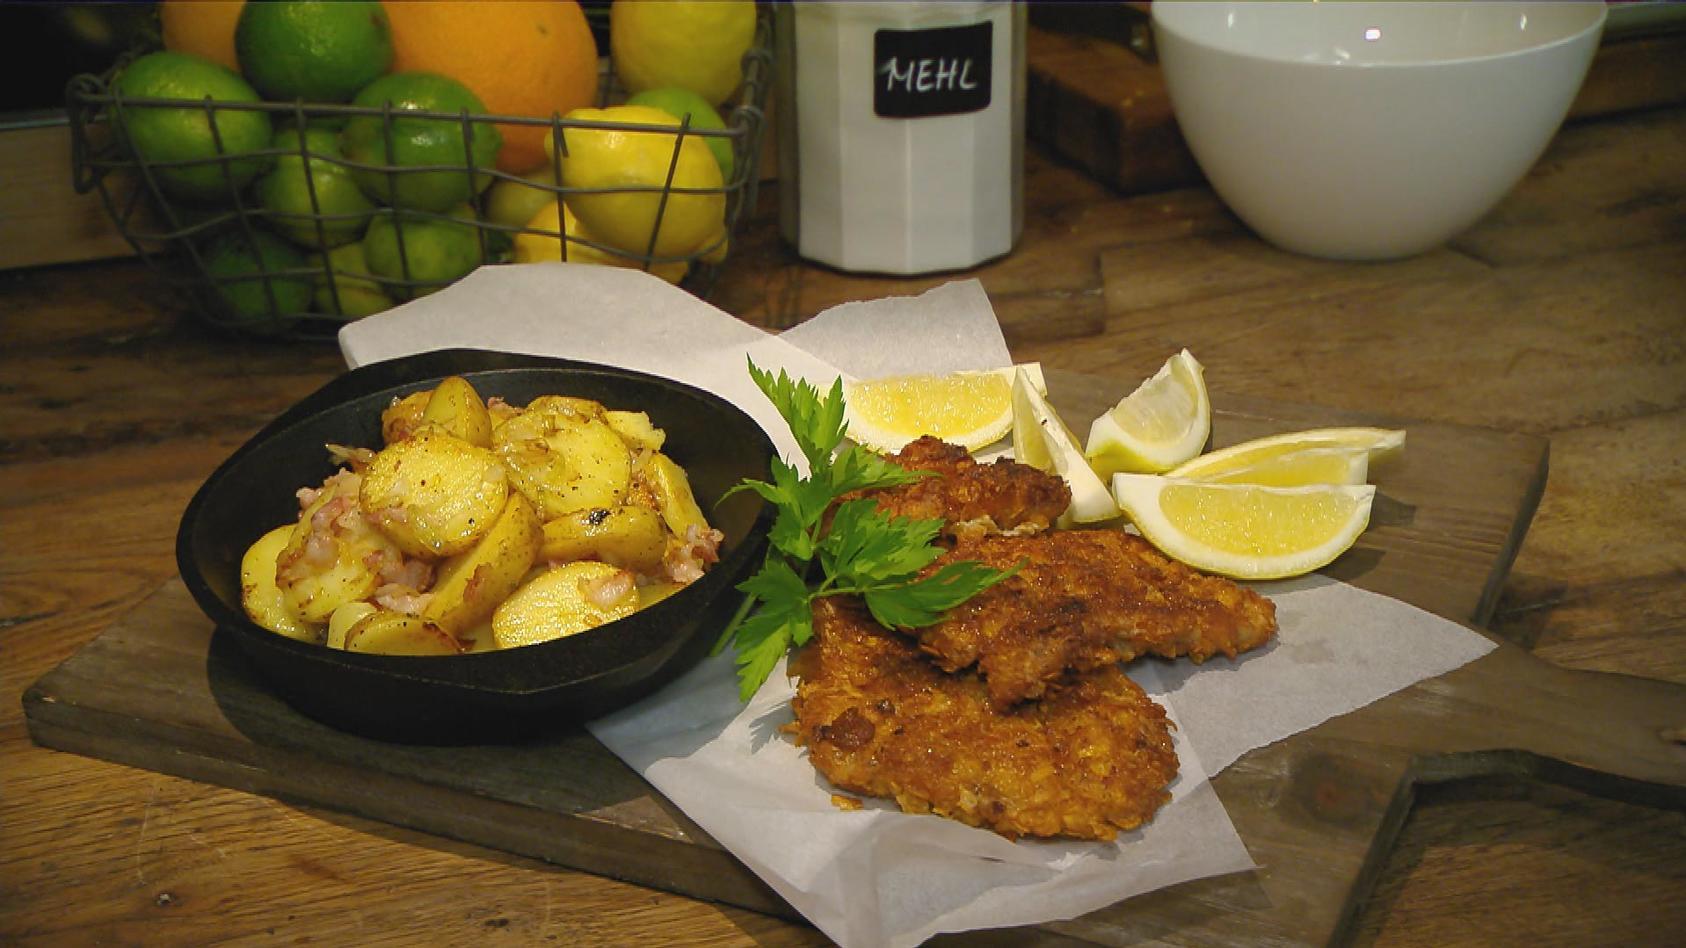 Dauerbrenner – Imbiss-Lieblinge zum Nachkochen: Schnitzel mit Knusperhülle mit Bratkartoffeln